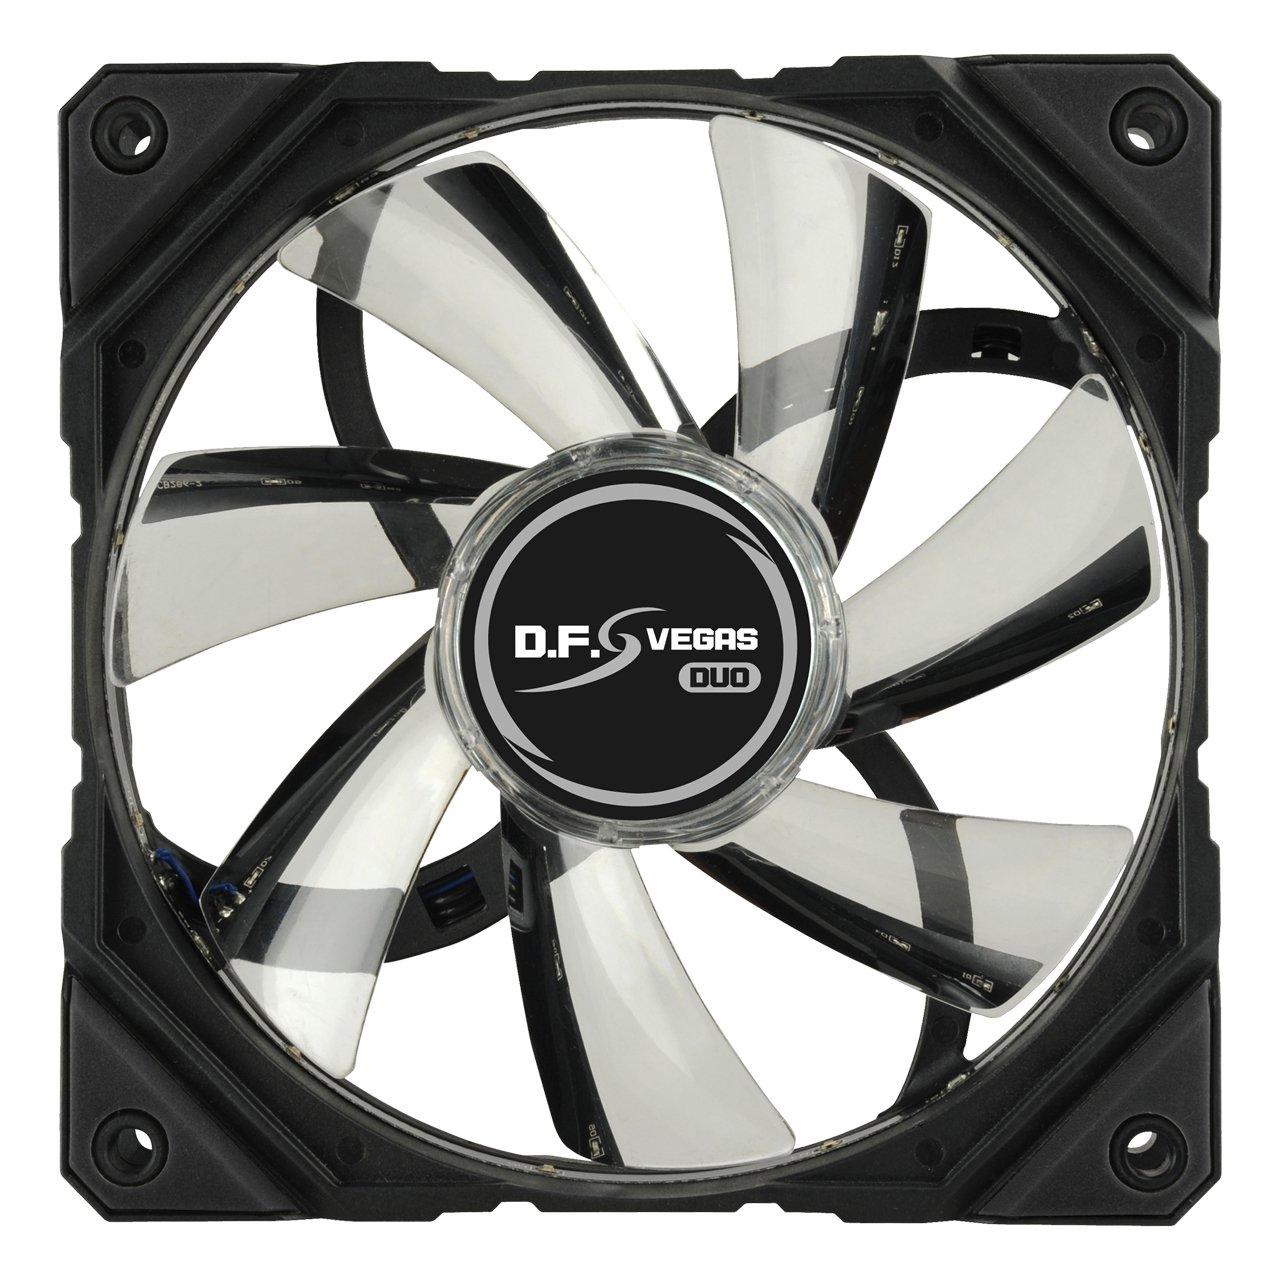 Ventilador de PC Carcasa del Ordenador, Ventilador, 12 cm, 900 RPM, 17 dB, 37,54 cfm Enermax UCTA12N-R